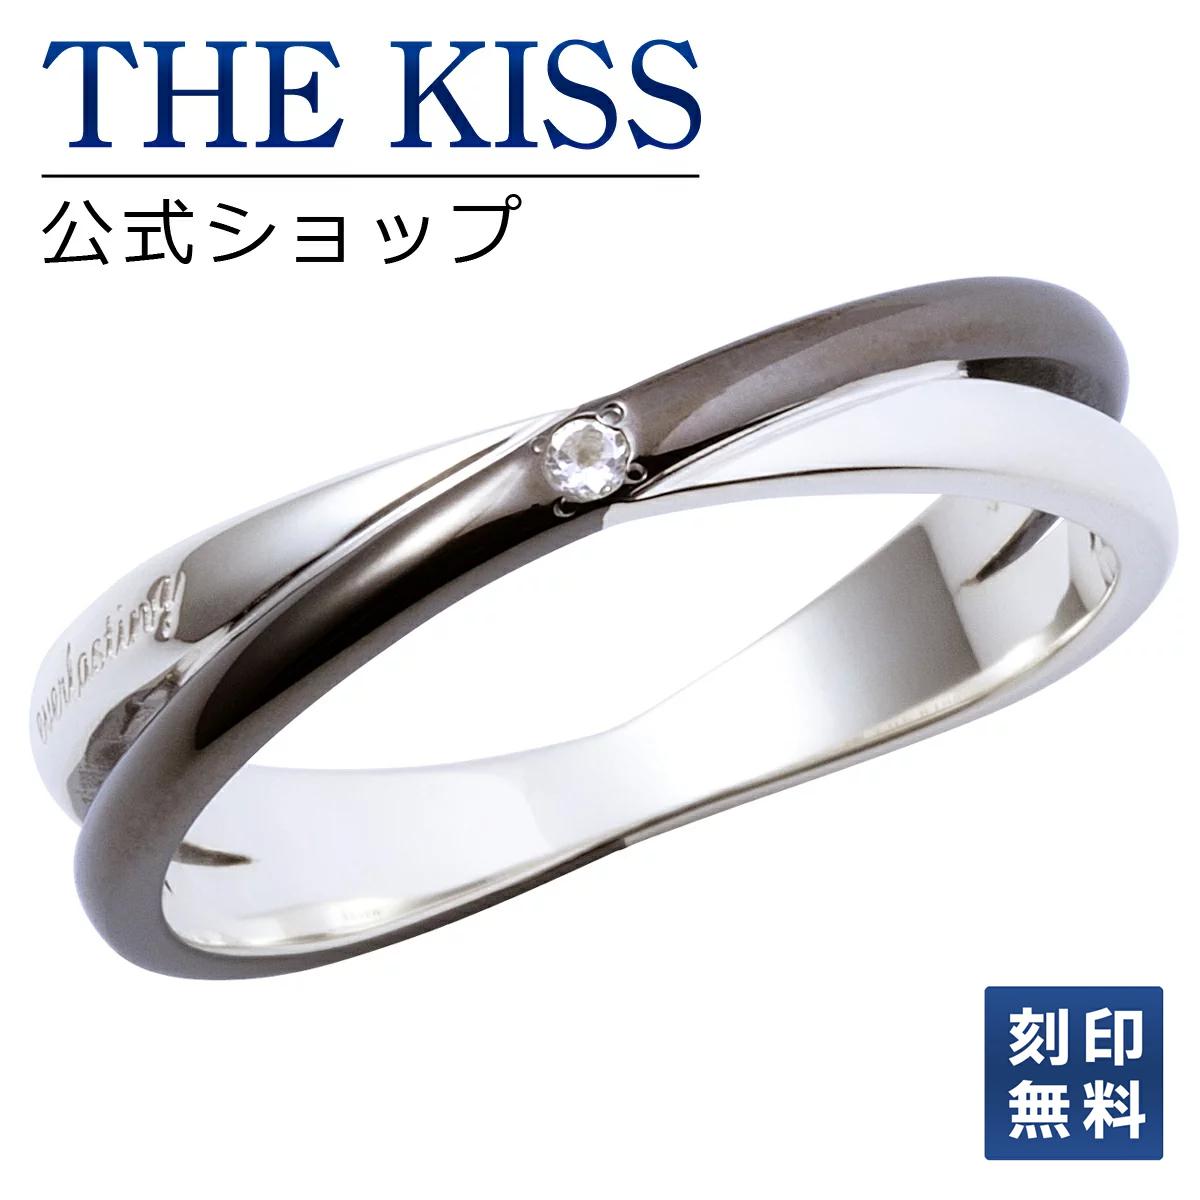 【あす楽対応】THE KISS 公式サイト シルバー ペアリング ( メンズ 単品 ) ペアアクセサリー カップル に 人気 の ジュエリーブランド THEKISS ペア リング・指輪 記念日 プレゼント SR2433DM ザキス 【送料無料】